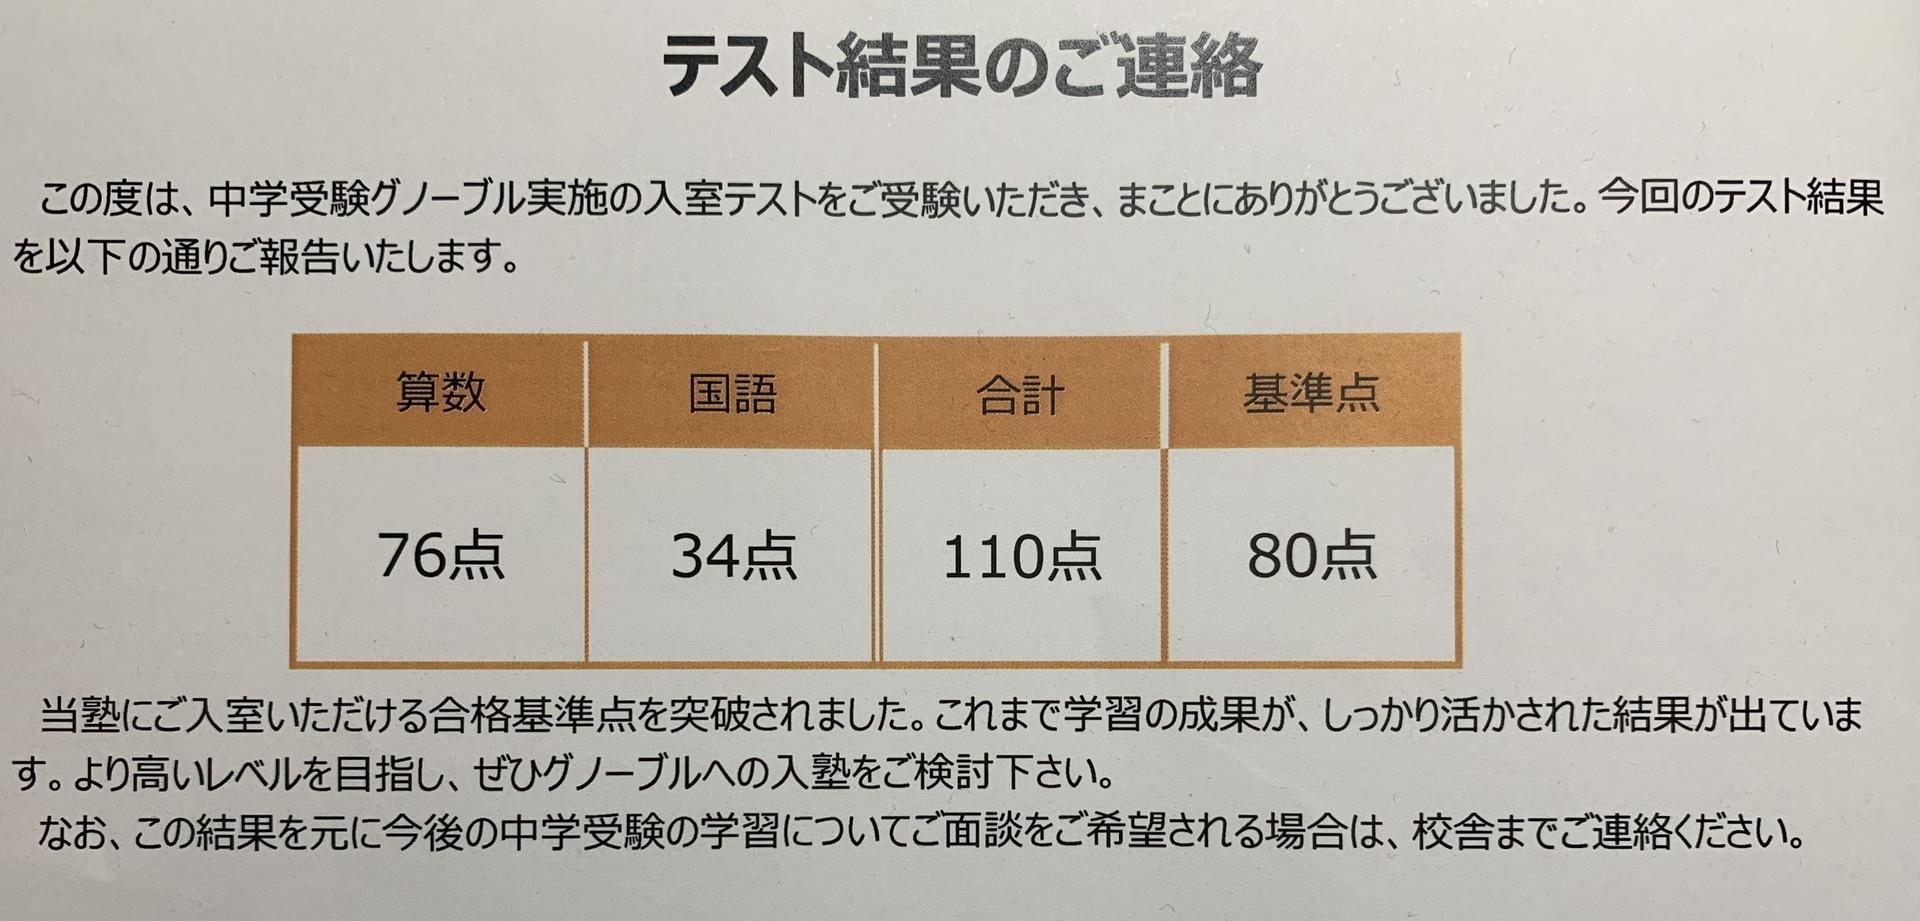 テスト 分け 対策 クラス 大塚 四谷